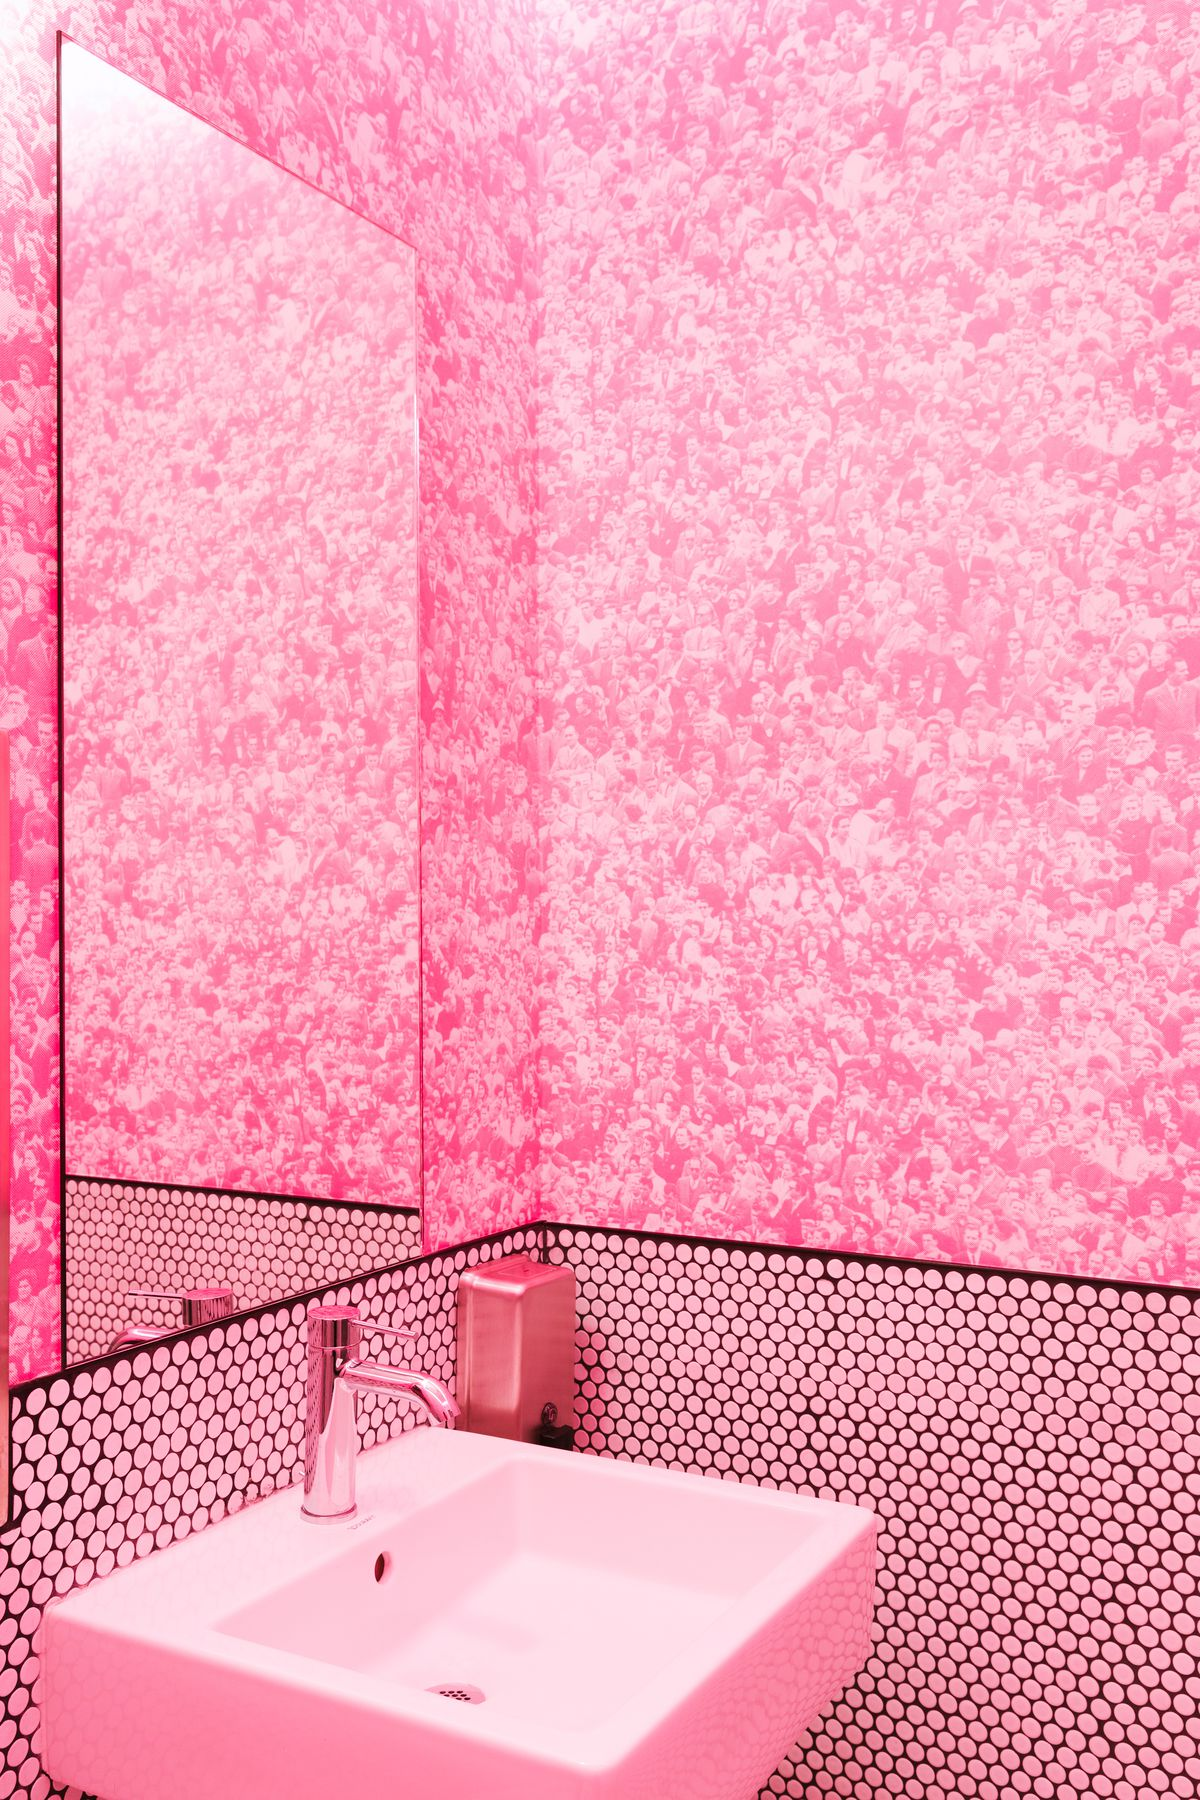 Pink wallpaper in the bathroom of Pizzeria Delfina